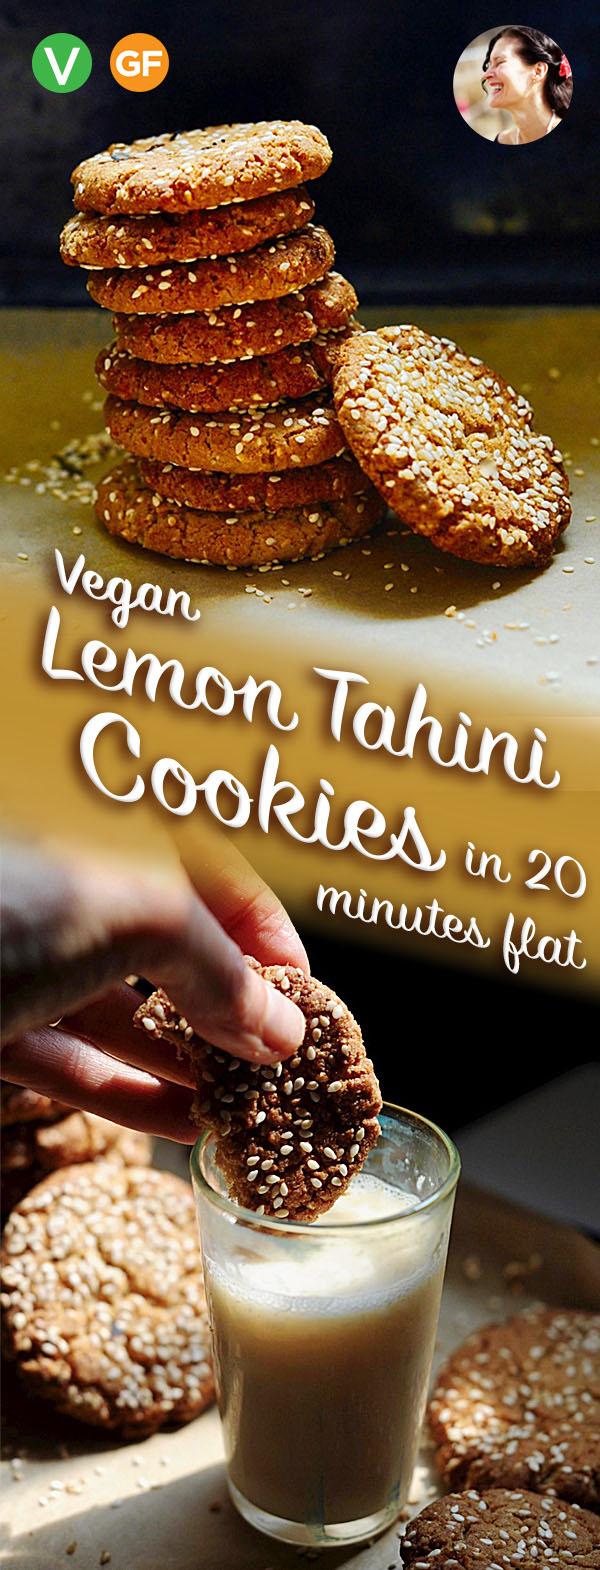 Vegan Lemon Tahini Cookies, Gluten Free